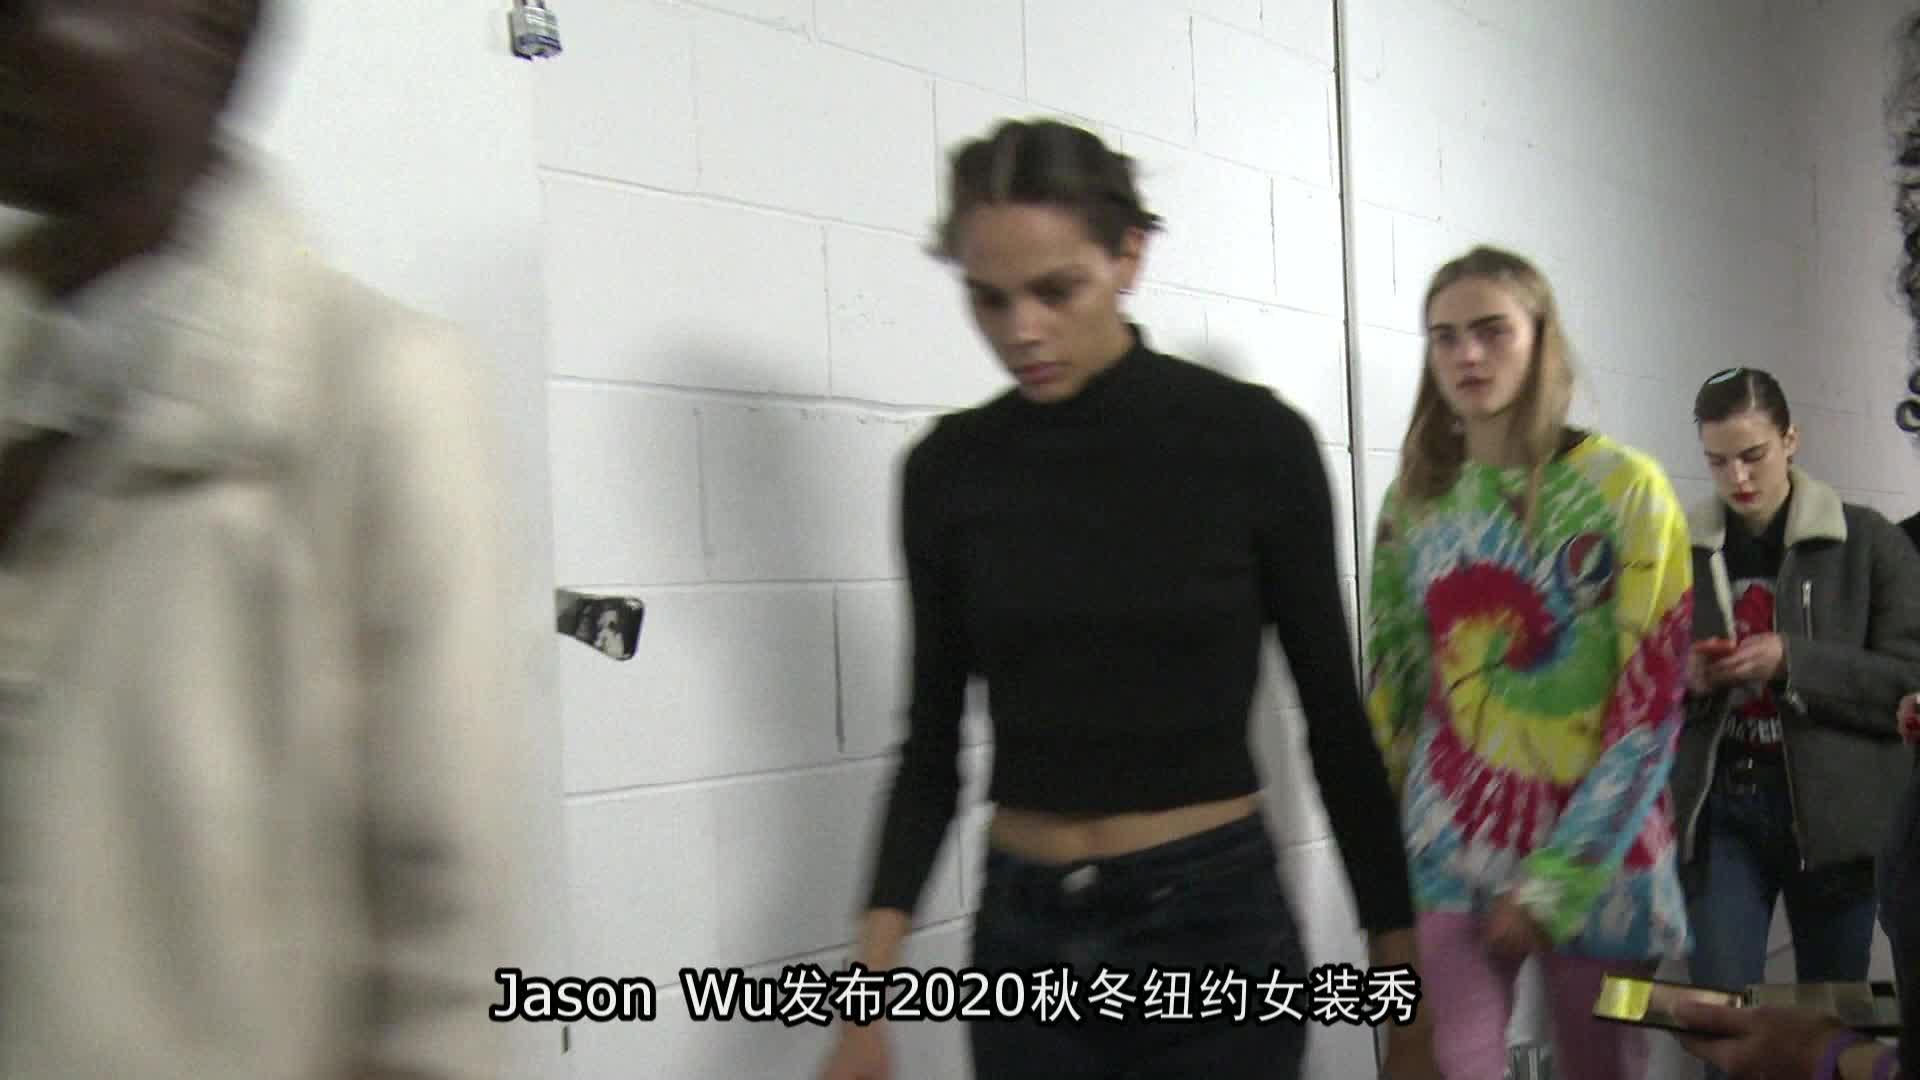 Jason Wu 2020秋冬纽约女装秀访谈